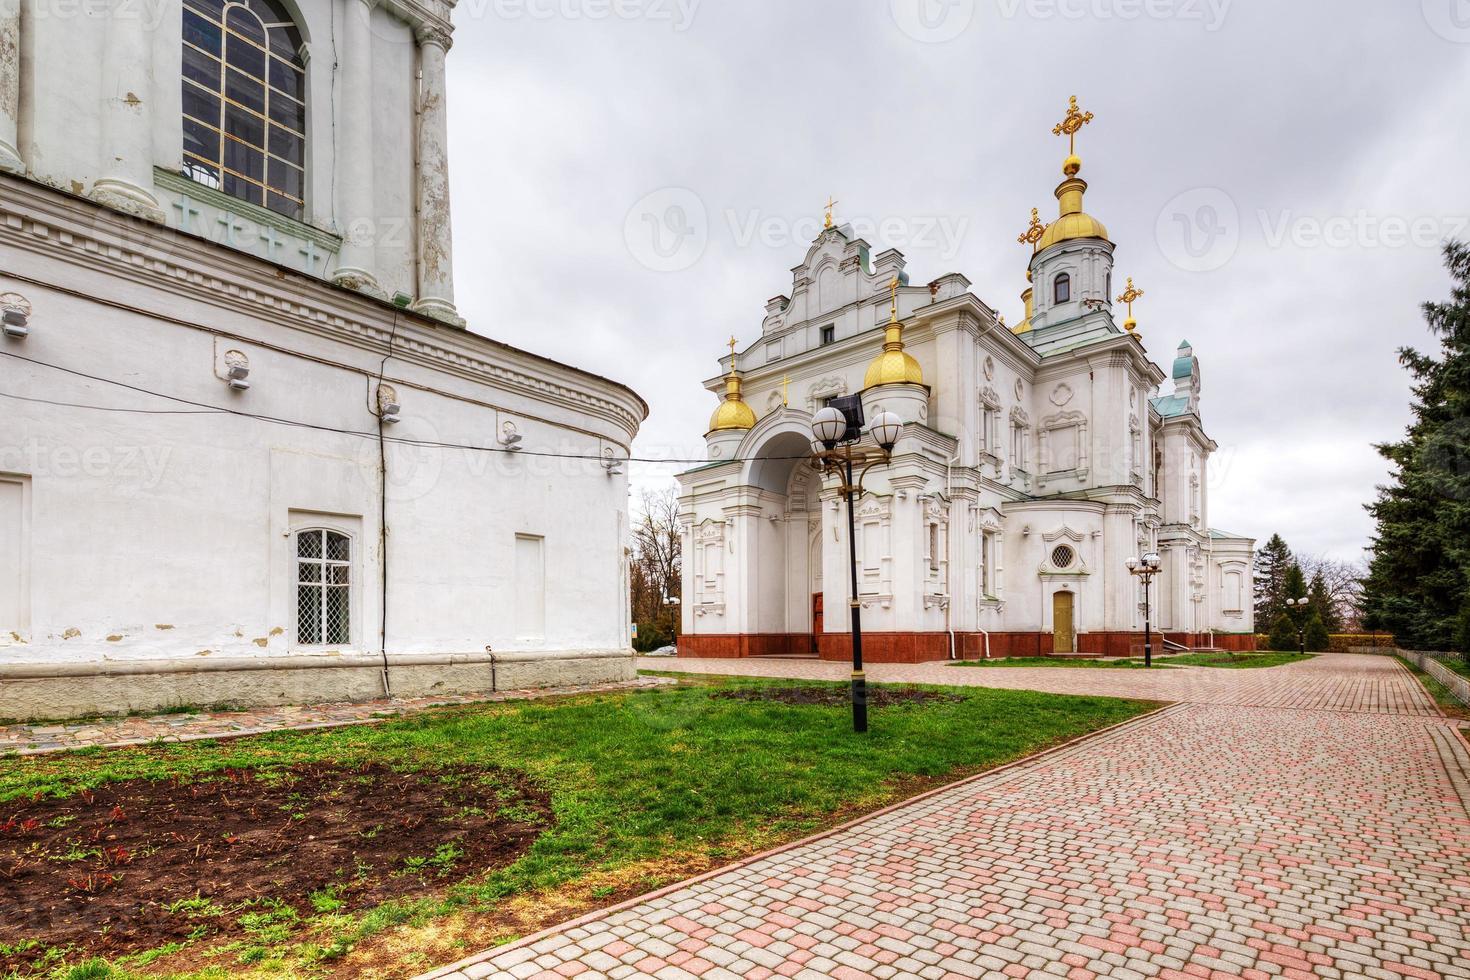 Architektur von Poltawa. Ukraine. foto